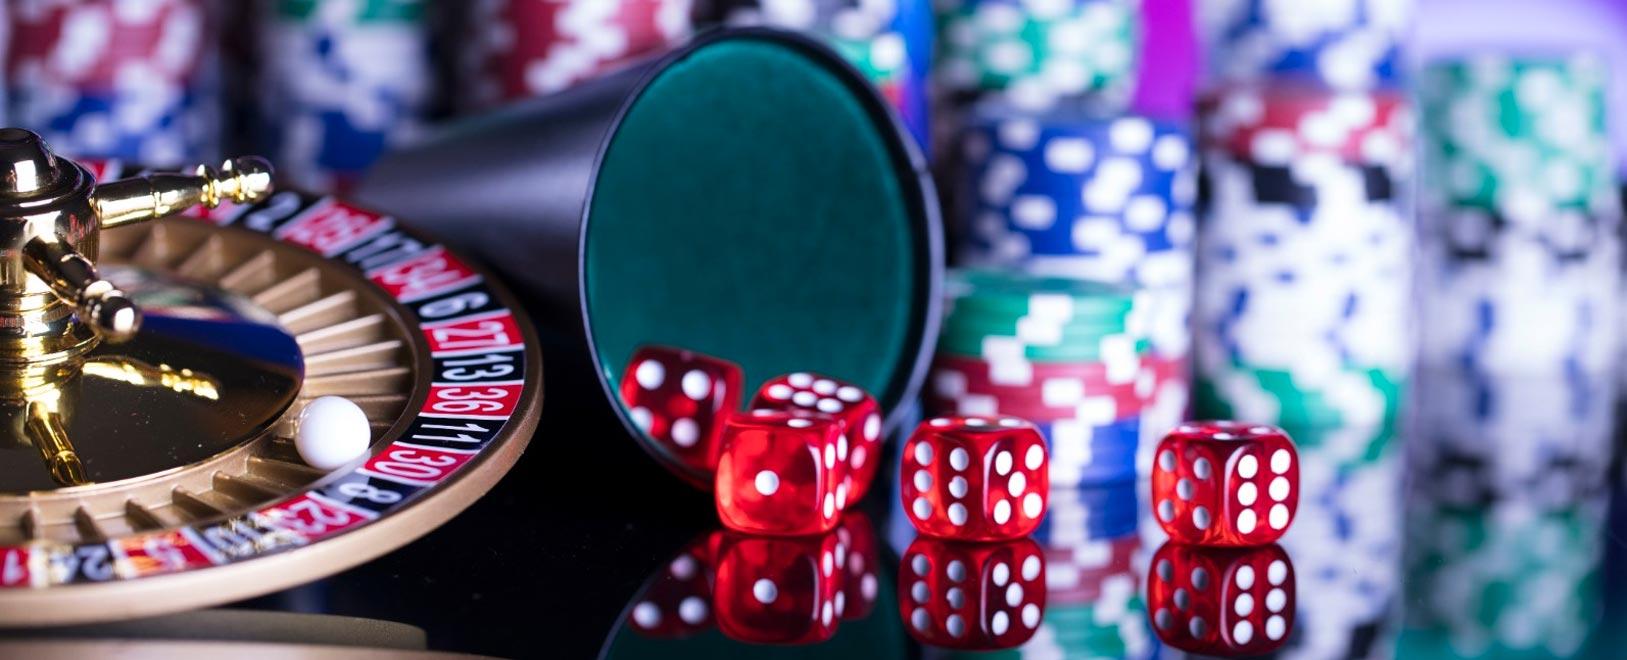 Play Live Dealer Online at Bovada!